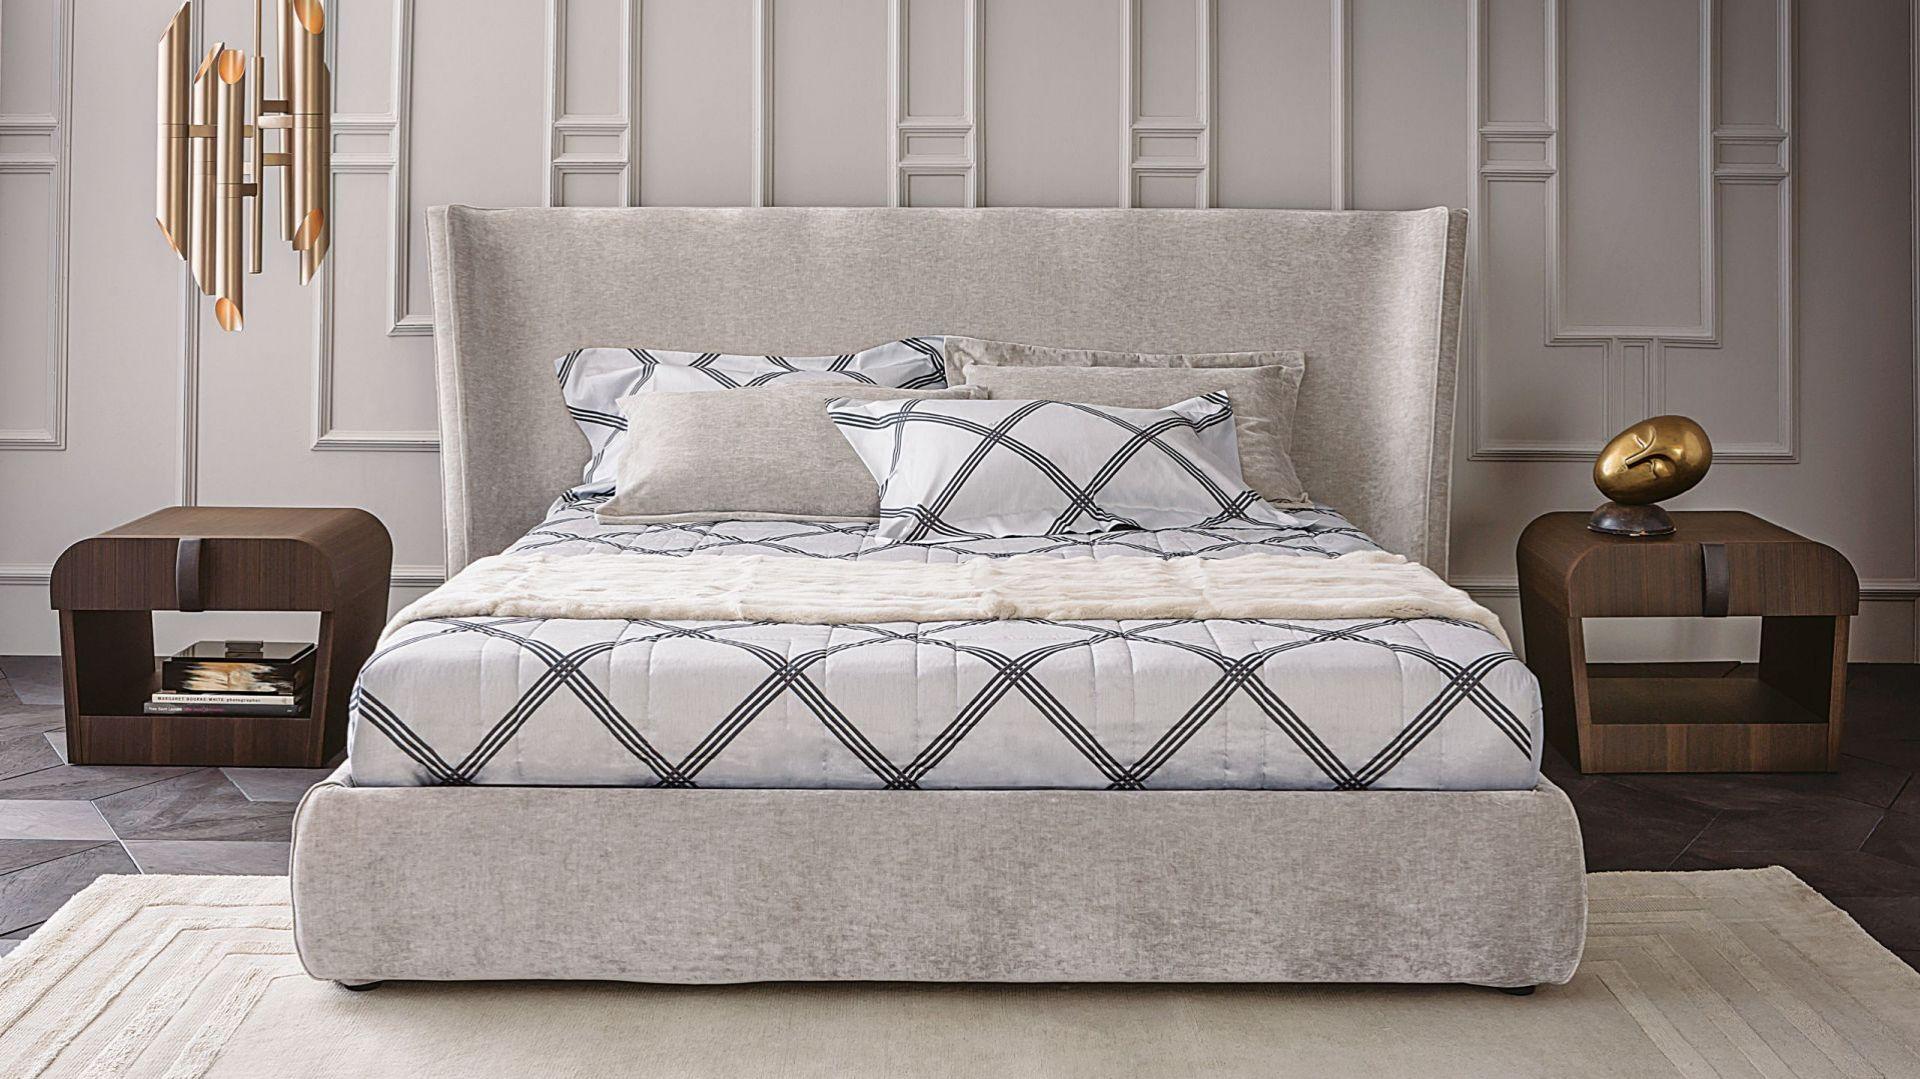 Łóżko tapicerowane z kolekcji Vanity dostępne w ofercie marki Casamilano. Fot. Casamilano/ Mood Design